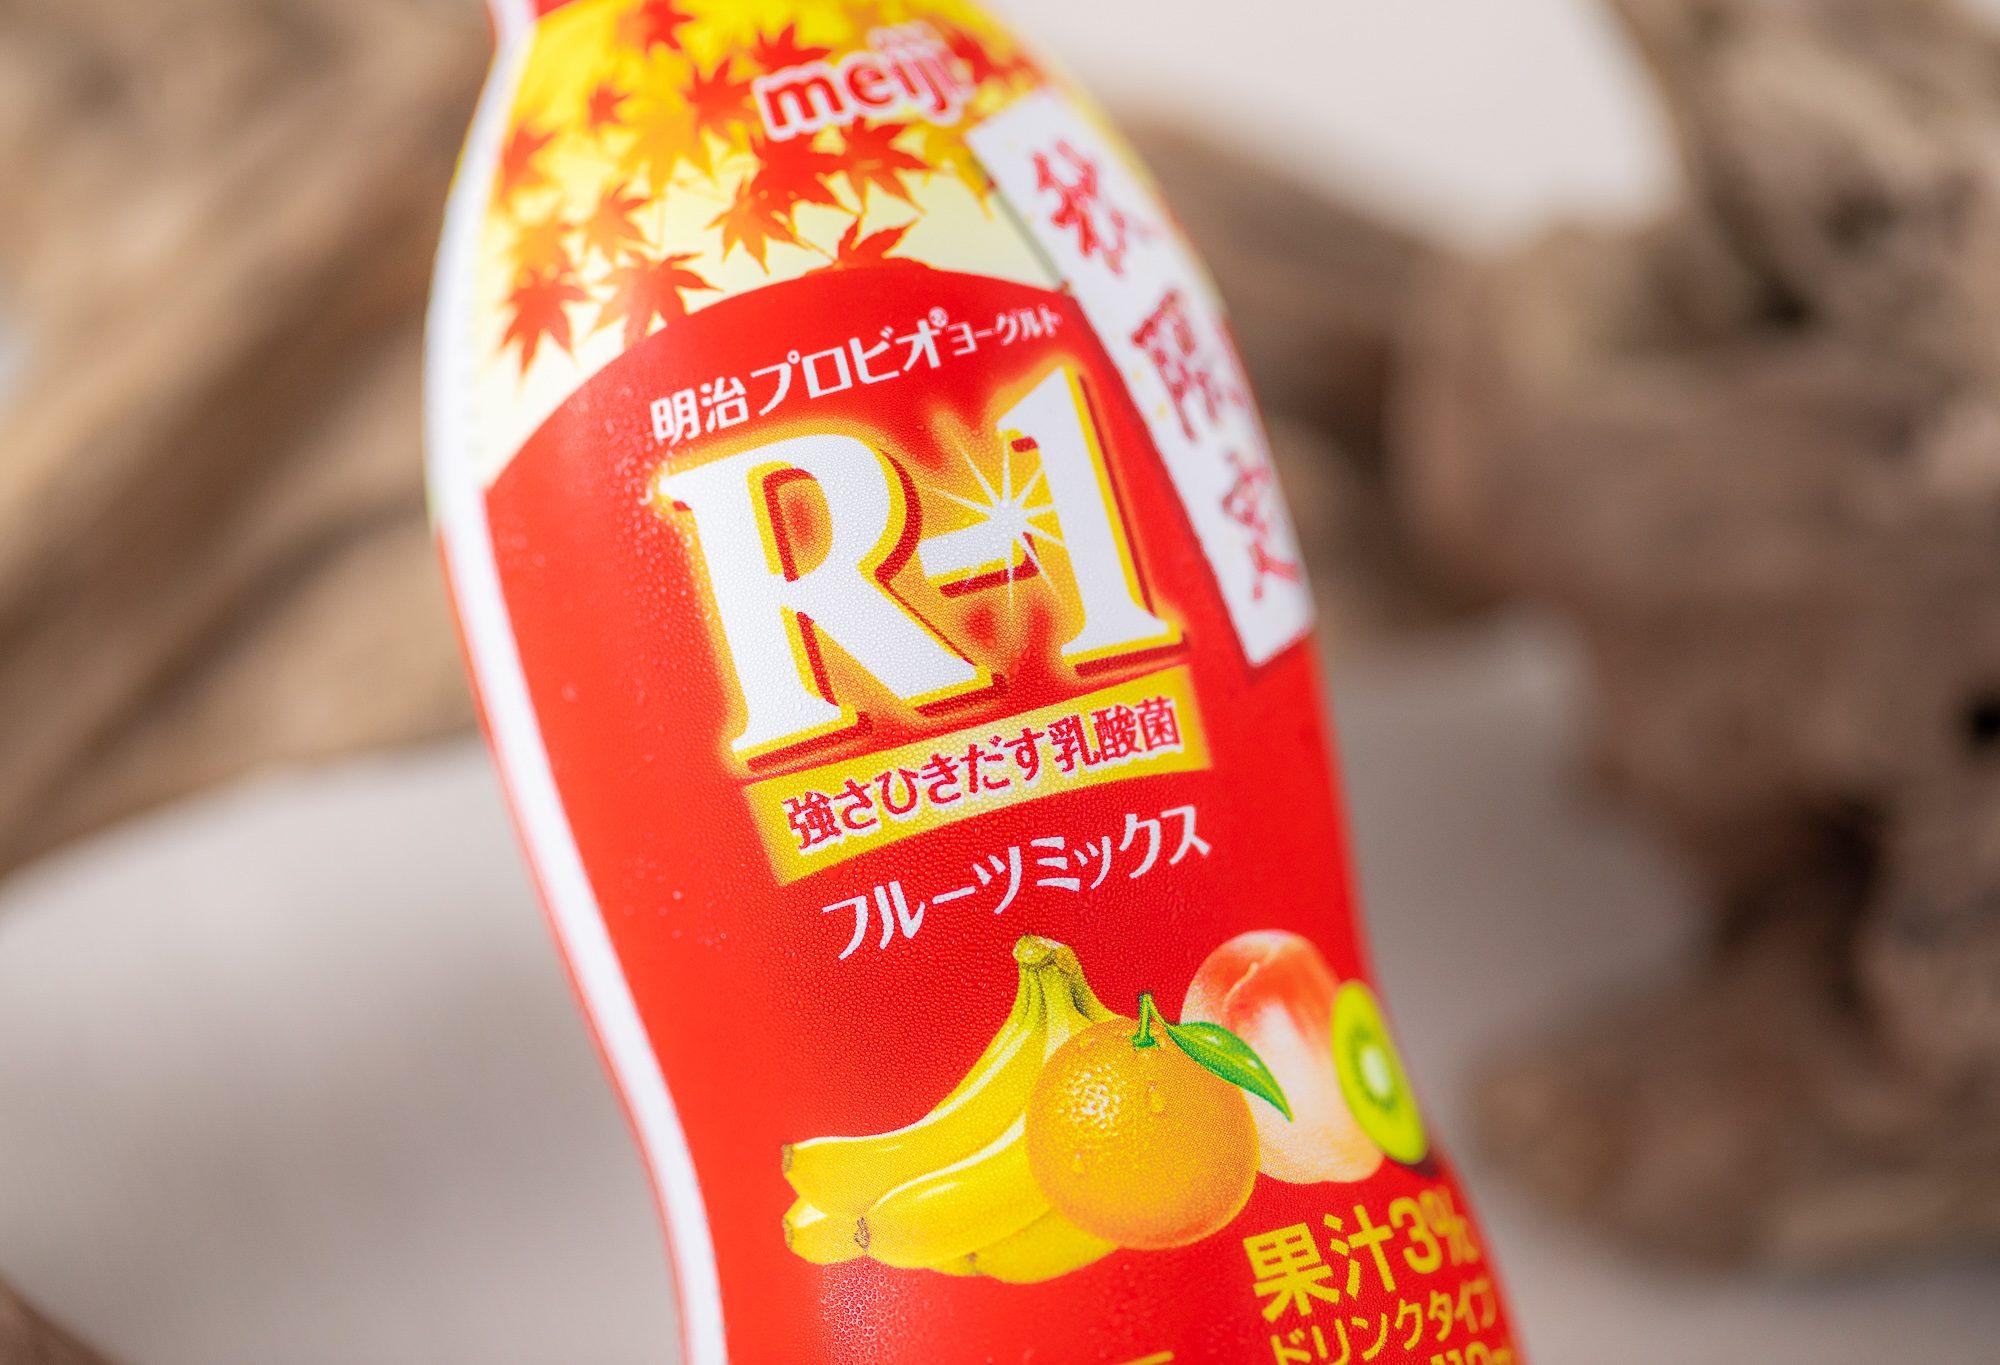 明治『プロビオヨーグルトR-1ドリンクタイプ 秋限定フルーツミックス 112ml』はバナナのふくよかな甘さとオレンジの甘酸っぱさが印象的なバナナ党大歓喜のヨーグルトドリンク!